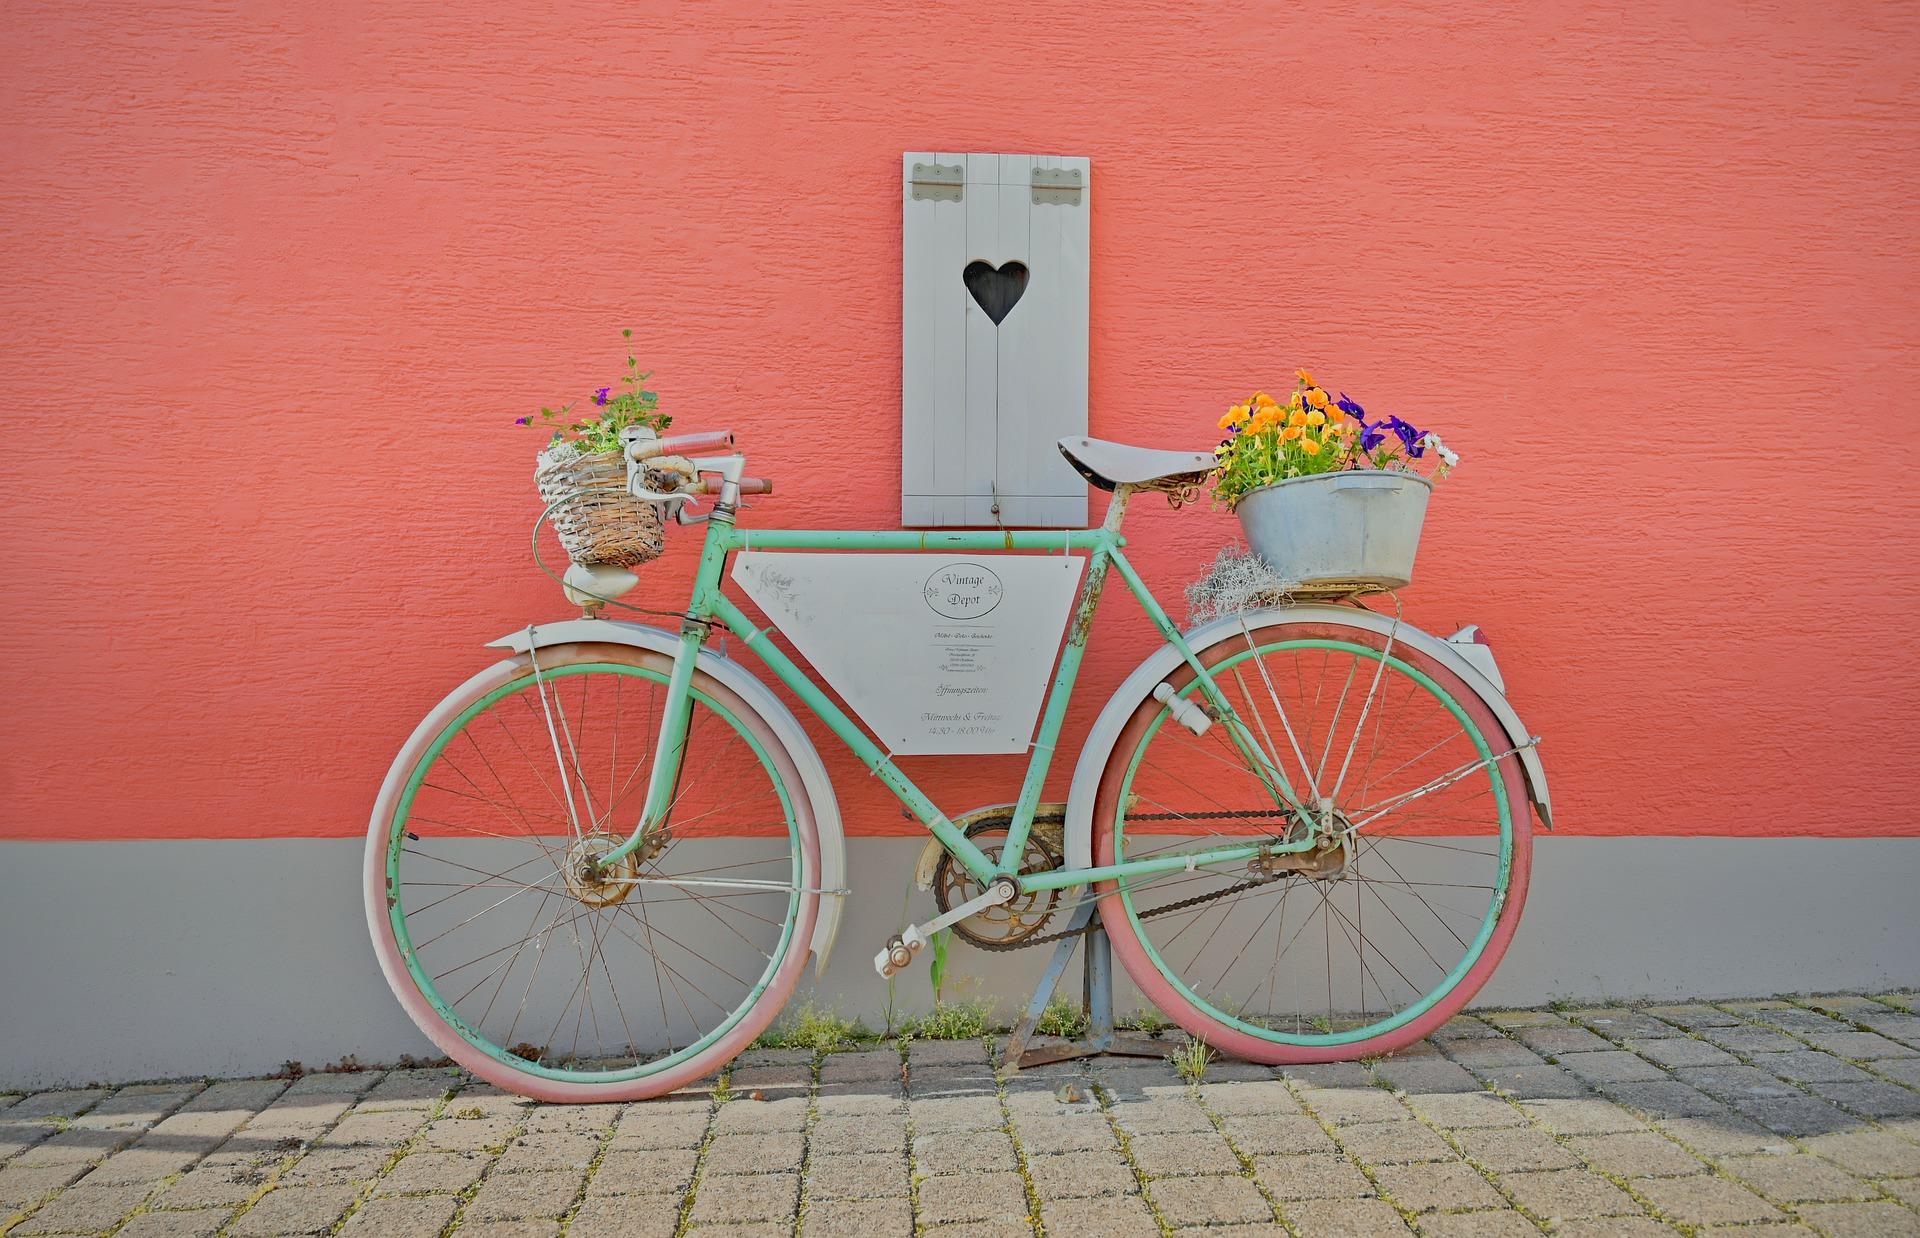 bike-4227270_1920.jpg